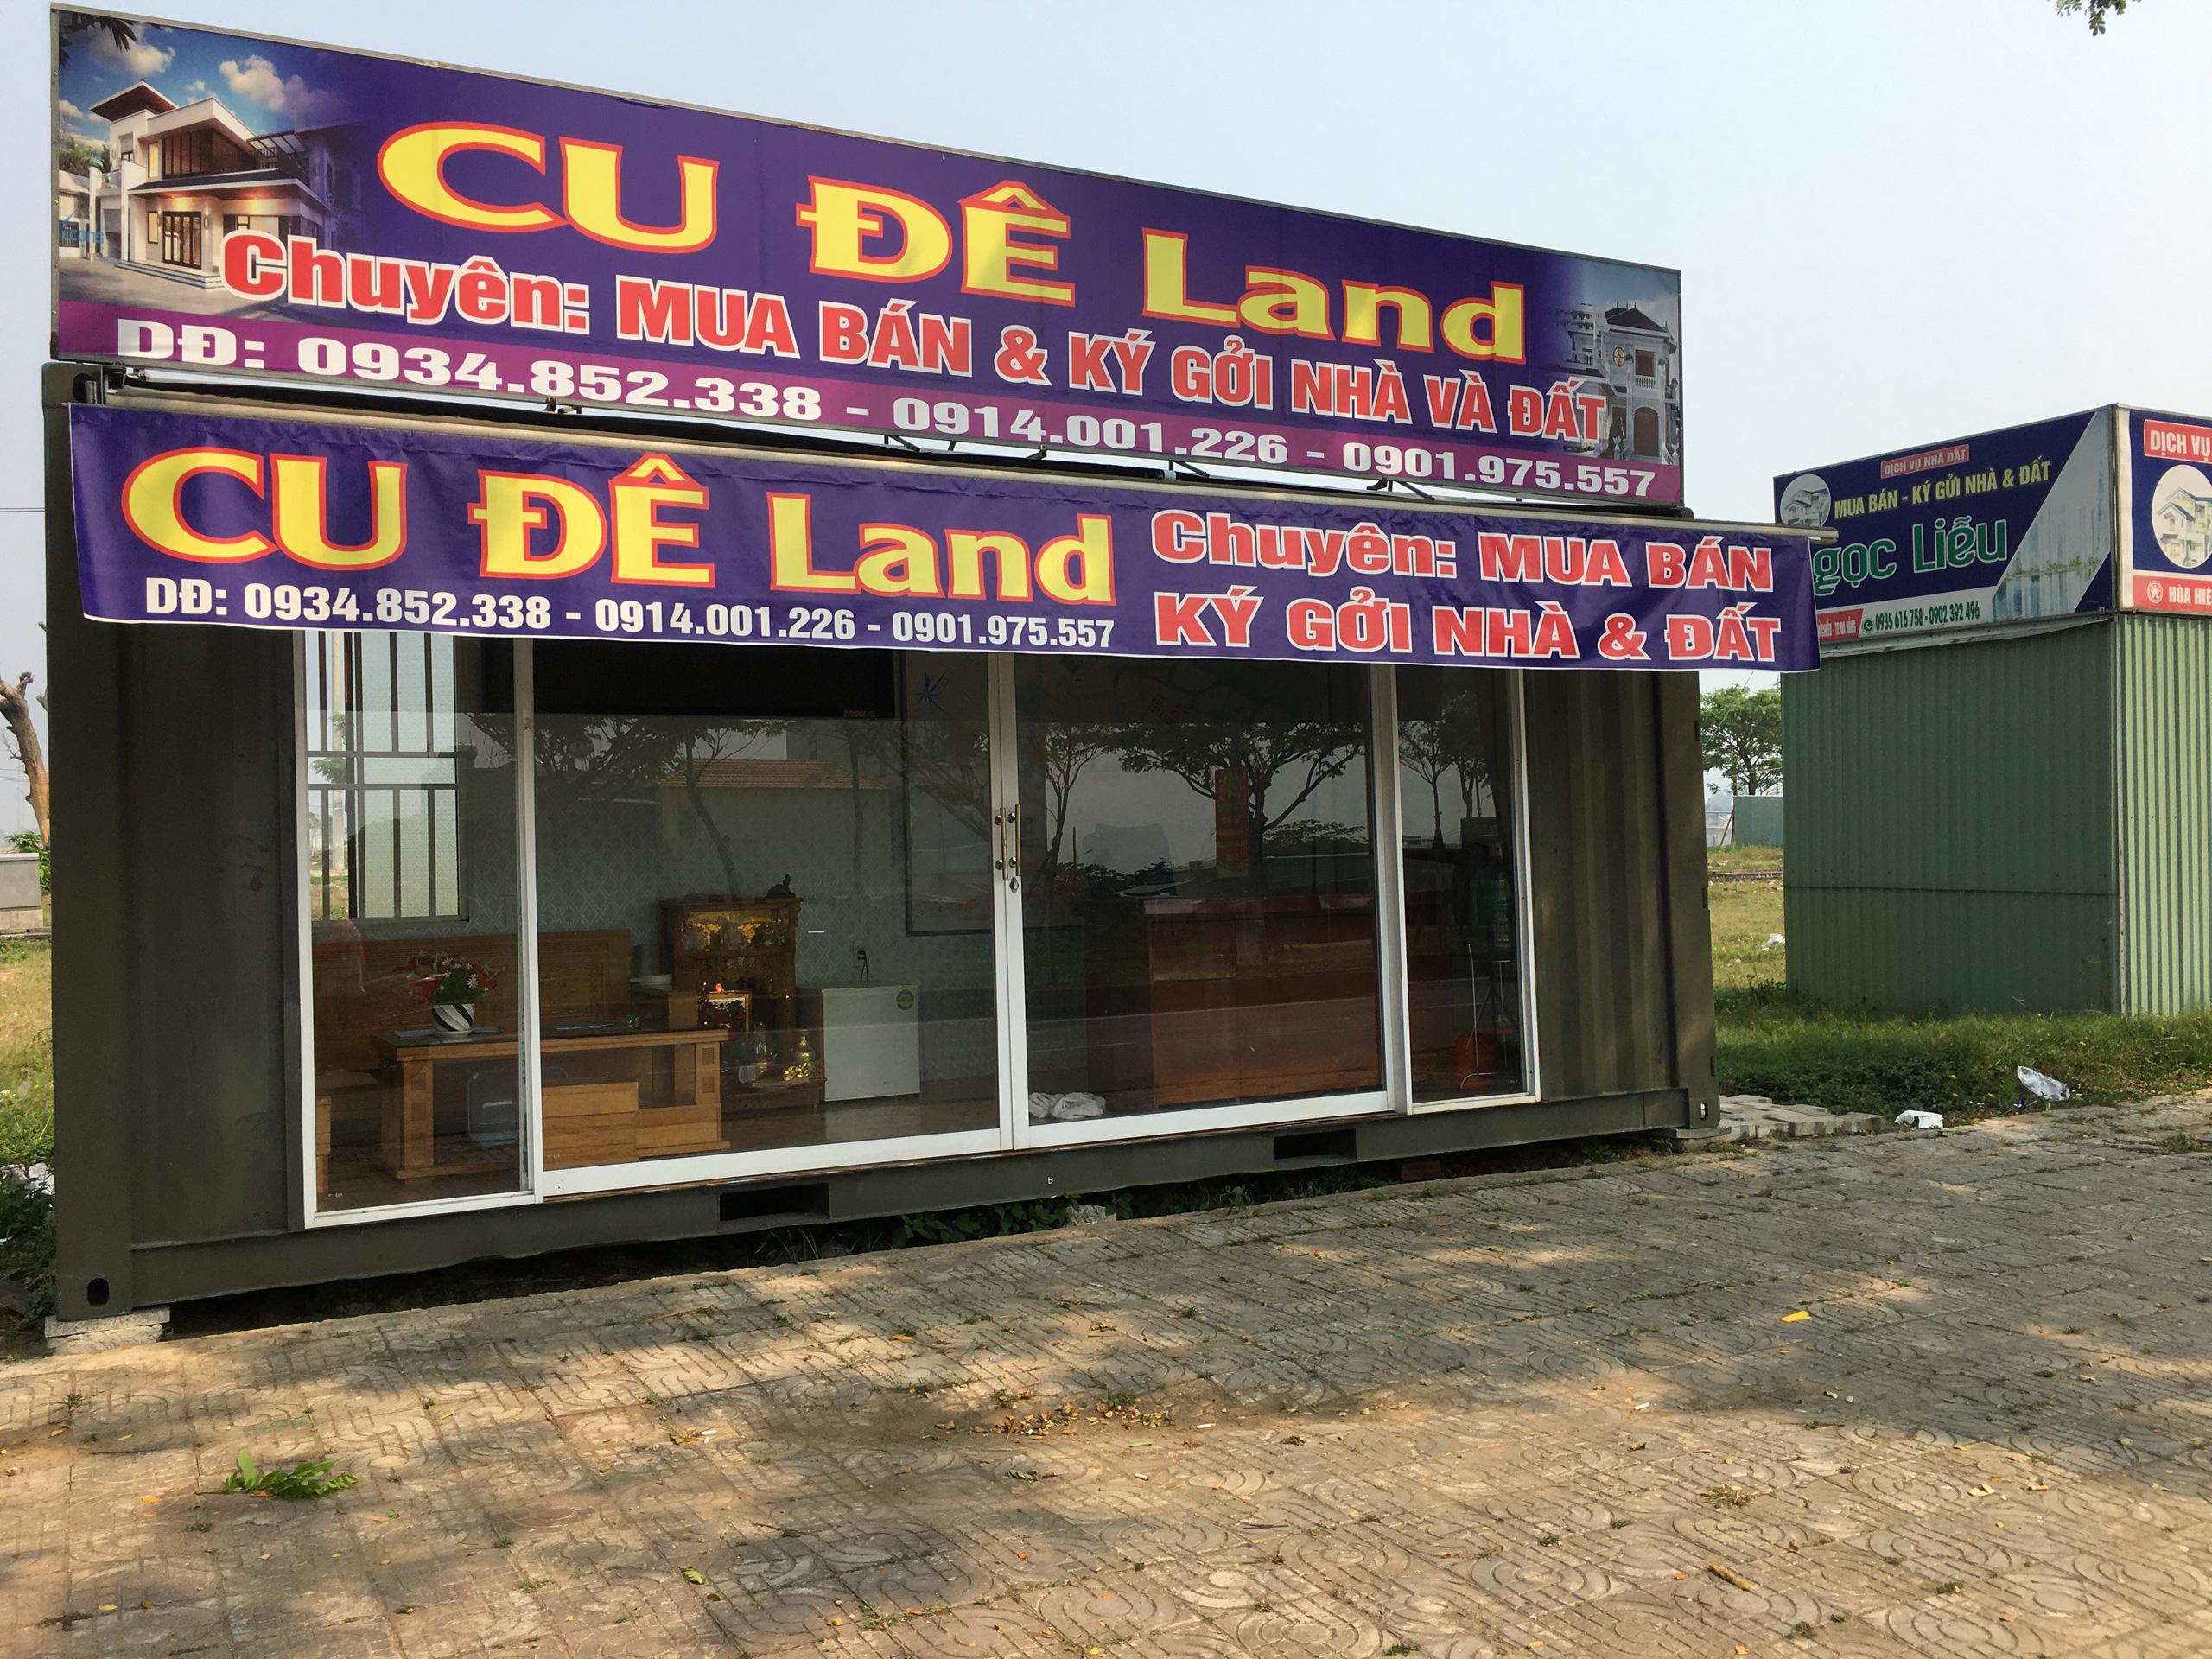 Sốt đất khắp nơi, môi giới Đà Nẵng dựng hàng loạt ki ốt ngay trung tâm để kinh doanh - Ảnh 5.